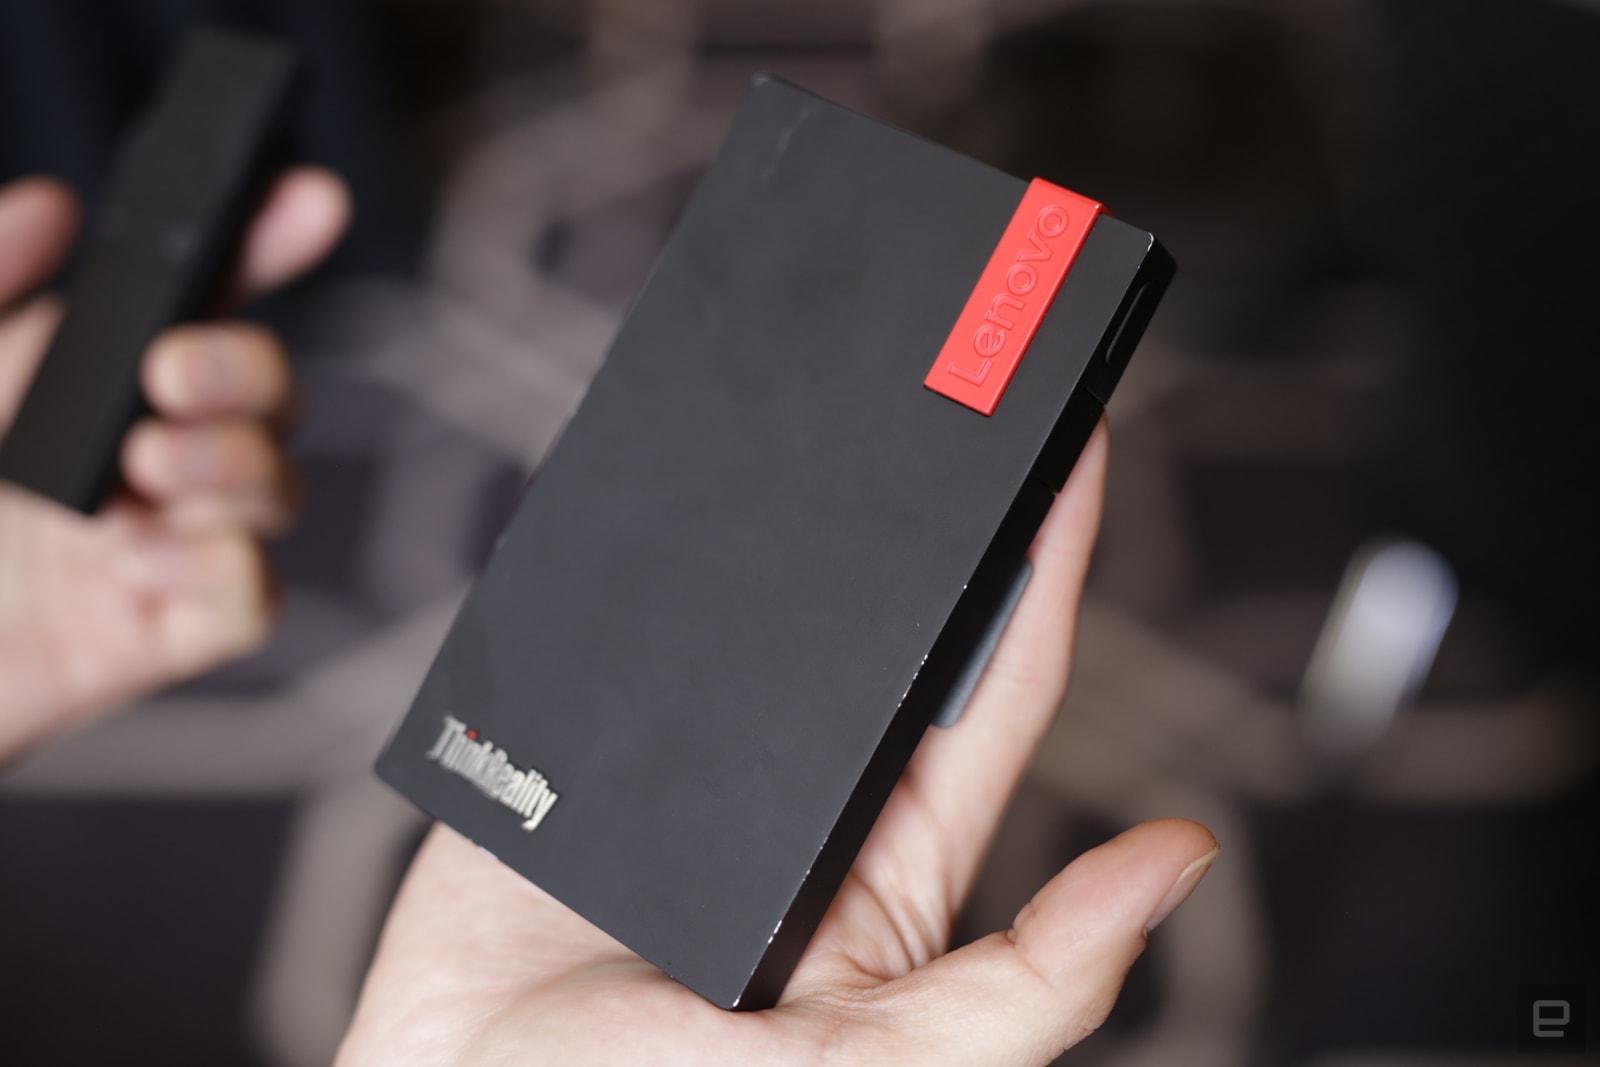 Lenovo ThinkReality AR headset